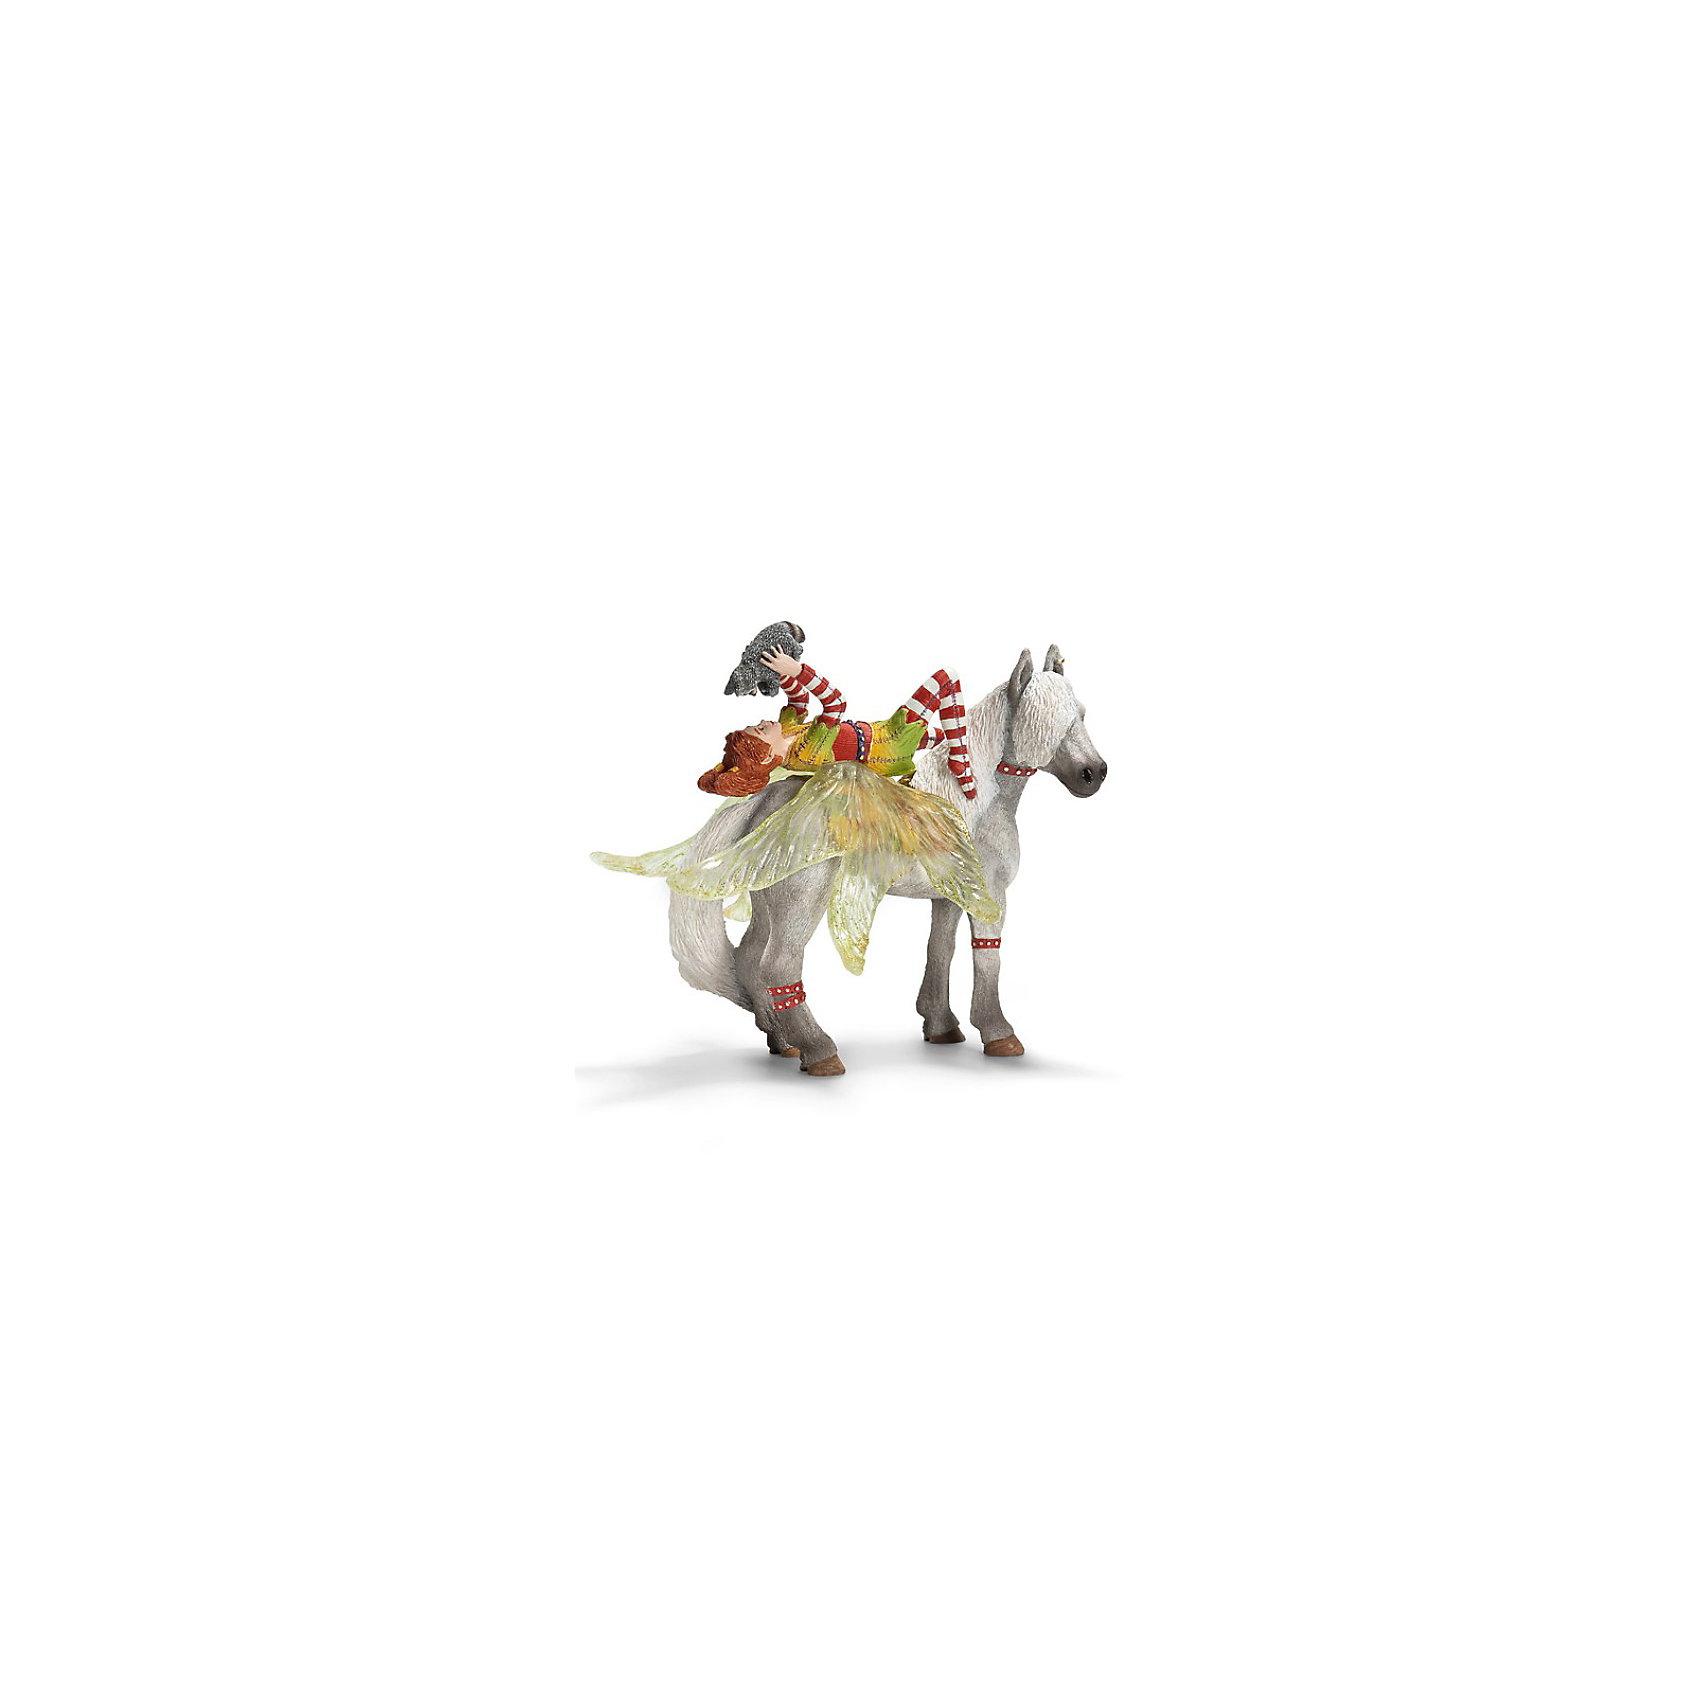 Schleich Марвин. Серия ЭльфыМарвин – яркая и веселая эльфийка. Она знает много всяких штучек, а ее лучший друг – маленький енот – всегда с ней.<br><br>От очаровательной Марвин из серии фигурок Солнечные эльфы фирмы Schleich (Шляйх) придут в восторг не только эльфы.<br><br>Она – необычайно колоритный персонаж из волшебного мира эльфов.<br><br><br><br>Подробнее:<br><br>- Размеры упаковки (ДxШxВ): прибл. 18 x 8,5 x 15 см<br>- Фигурка раскрашена вручную<br><br>Ширина мм: 183<br>Глубина мм: 161<br>Высота мм: 92<br>Вес г: 184<br>Возраст от месяцев: 36<br>Возраст до месяцев: 96<br>Пол: Женский<br>Возраст: Детский<br>SKU: 1995585